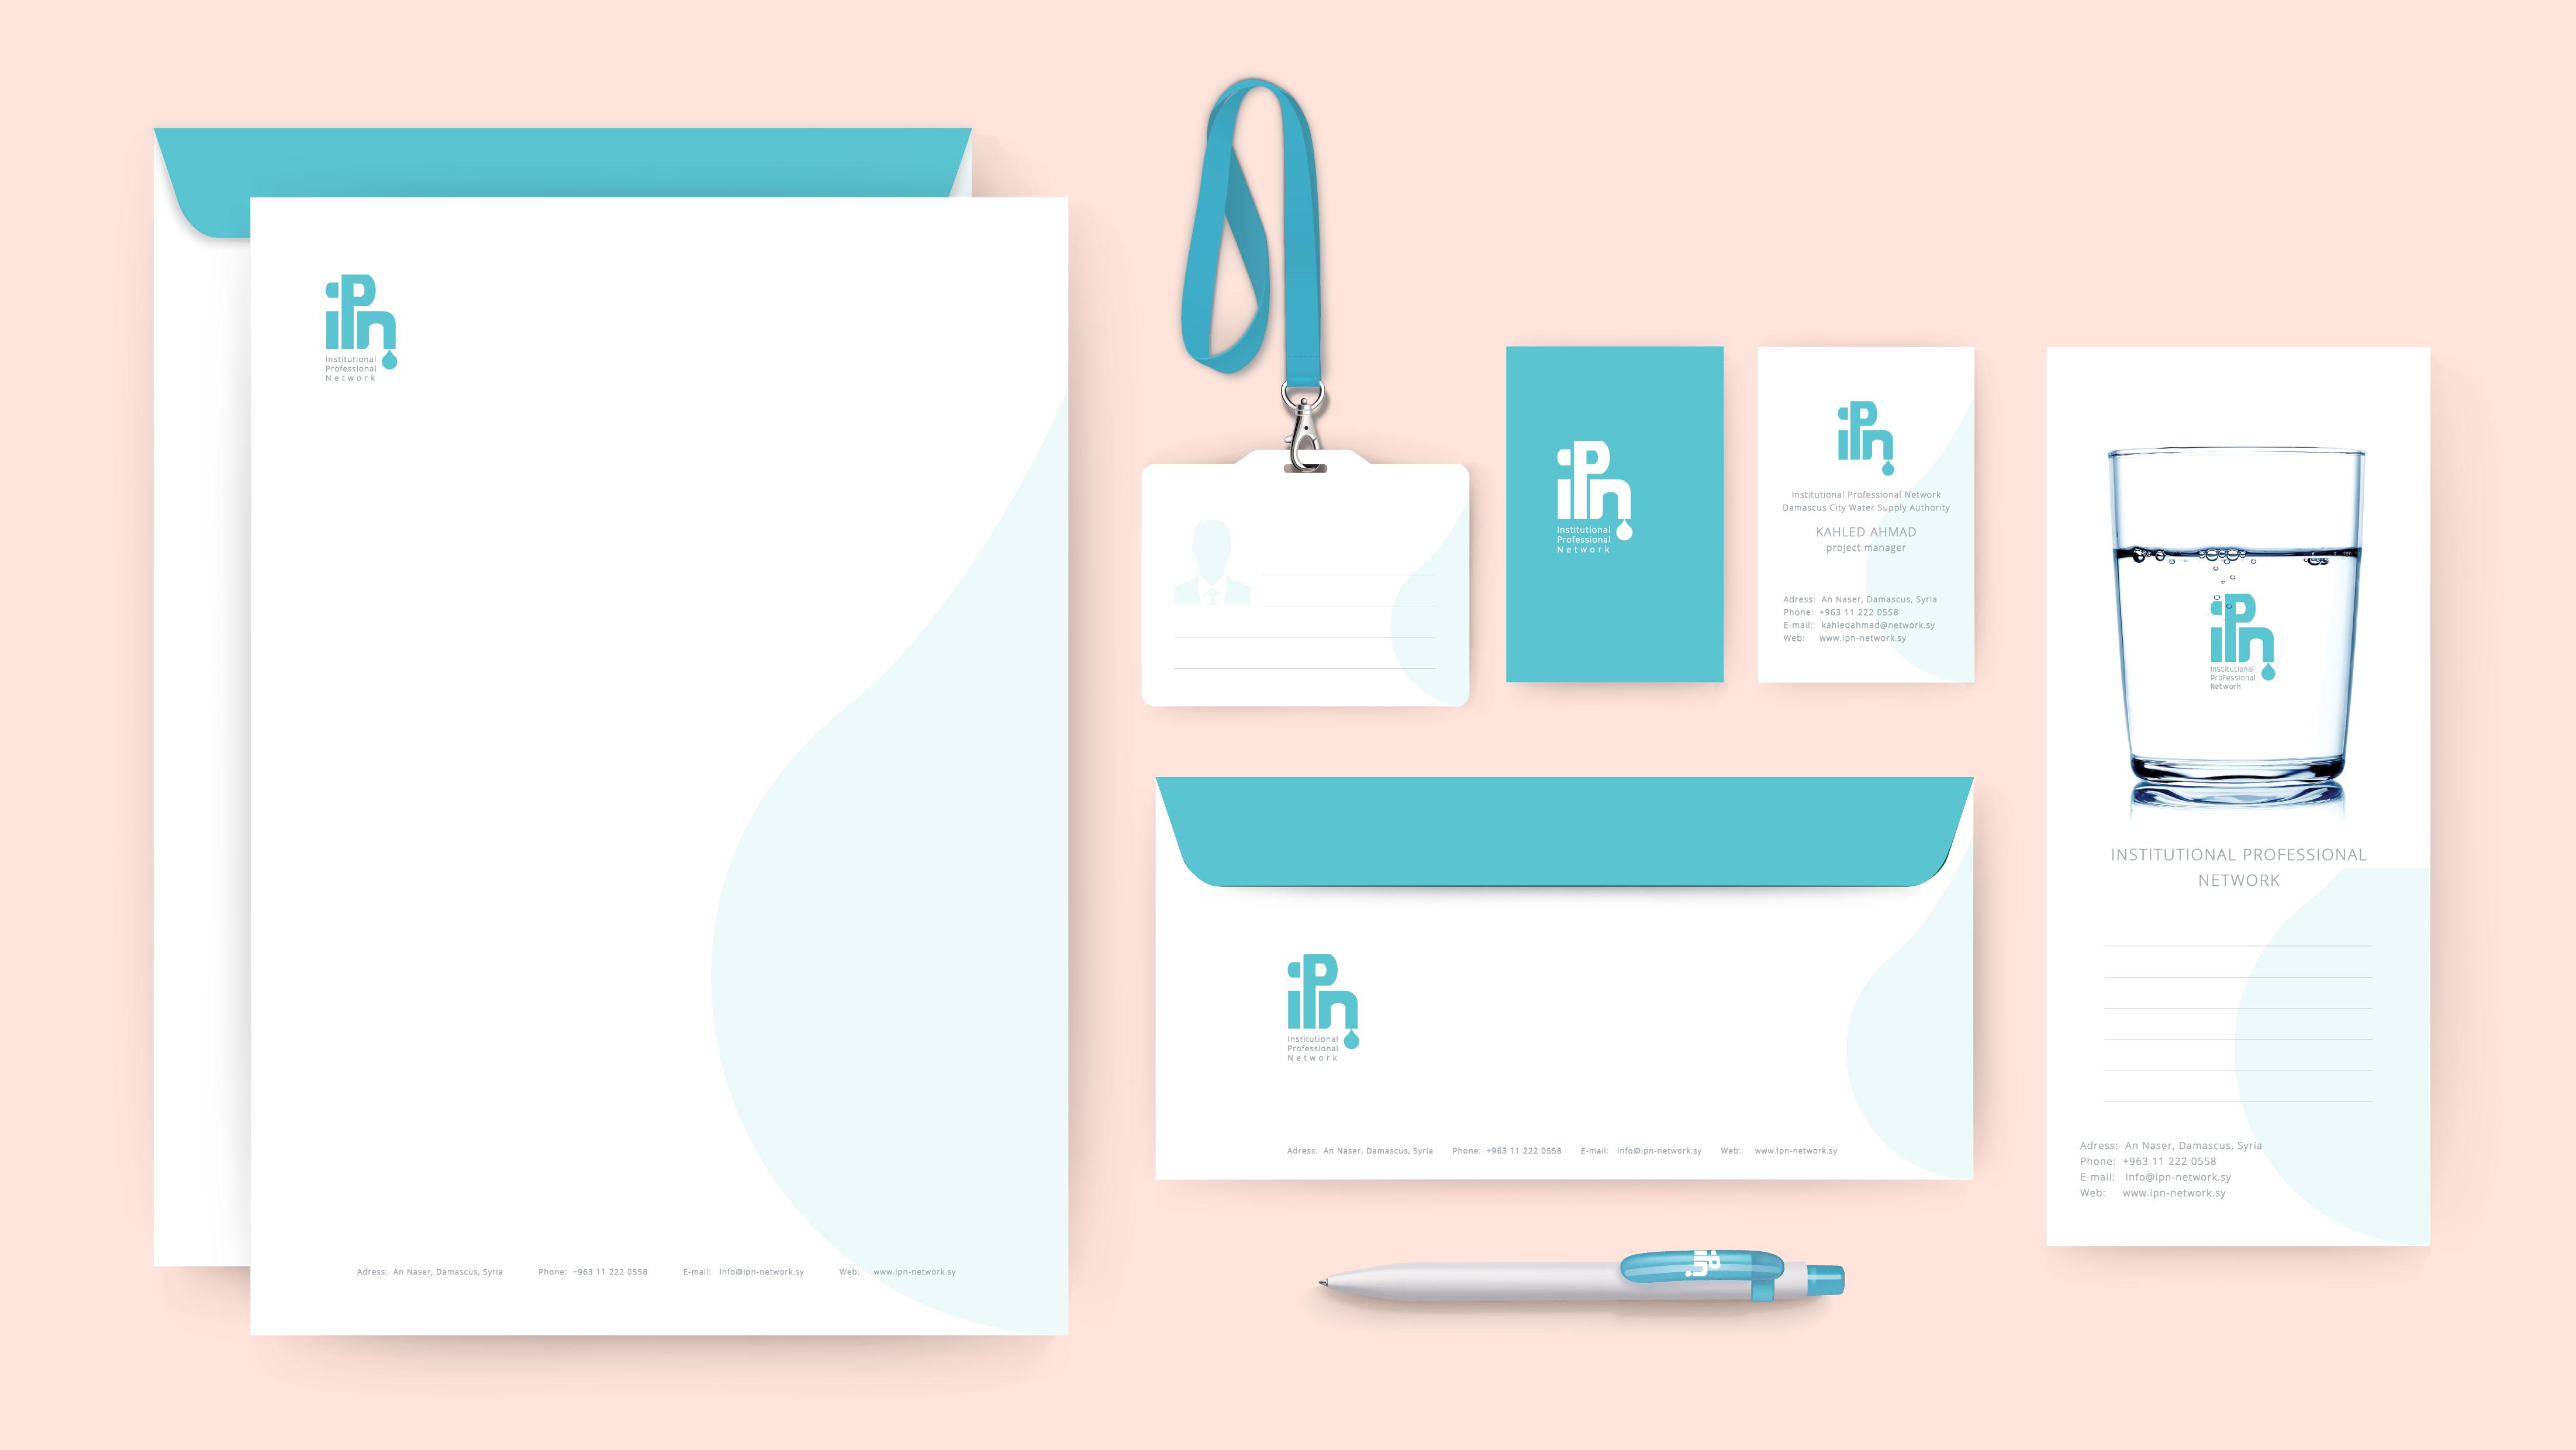 Nour, Alnader, Logo Design, IPN, Wasser, Stationary, Corporate, Branding, Web, design, Gestaltung